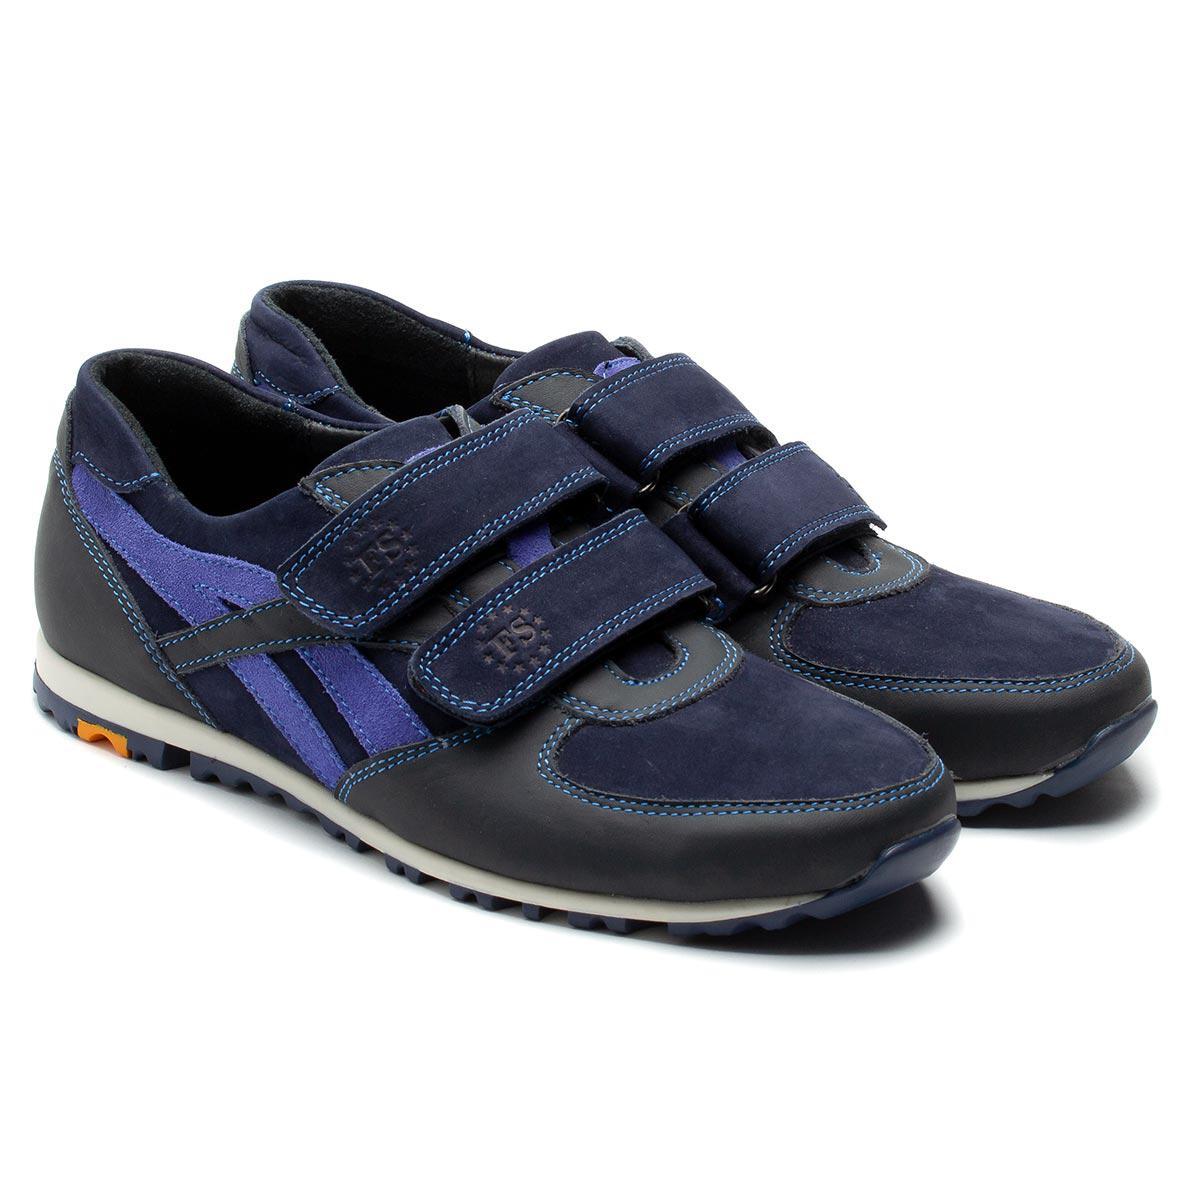 Подростковые ортопедические  кроссовки FS Сollection для мальчиков, размер 36, 39